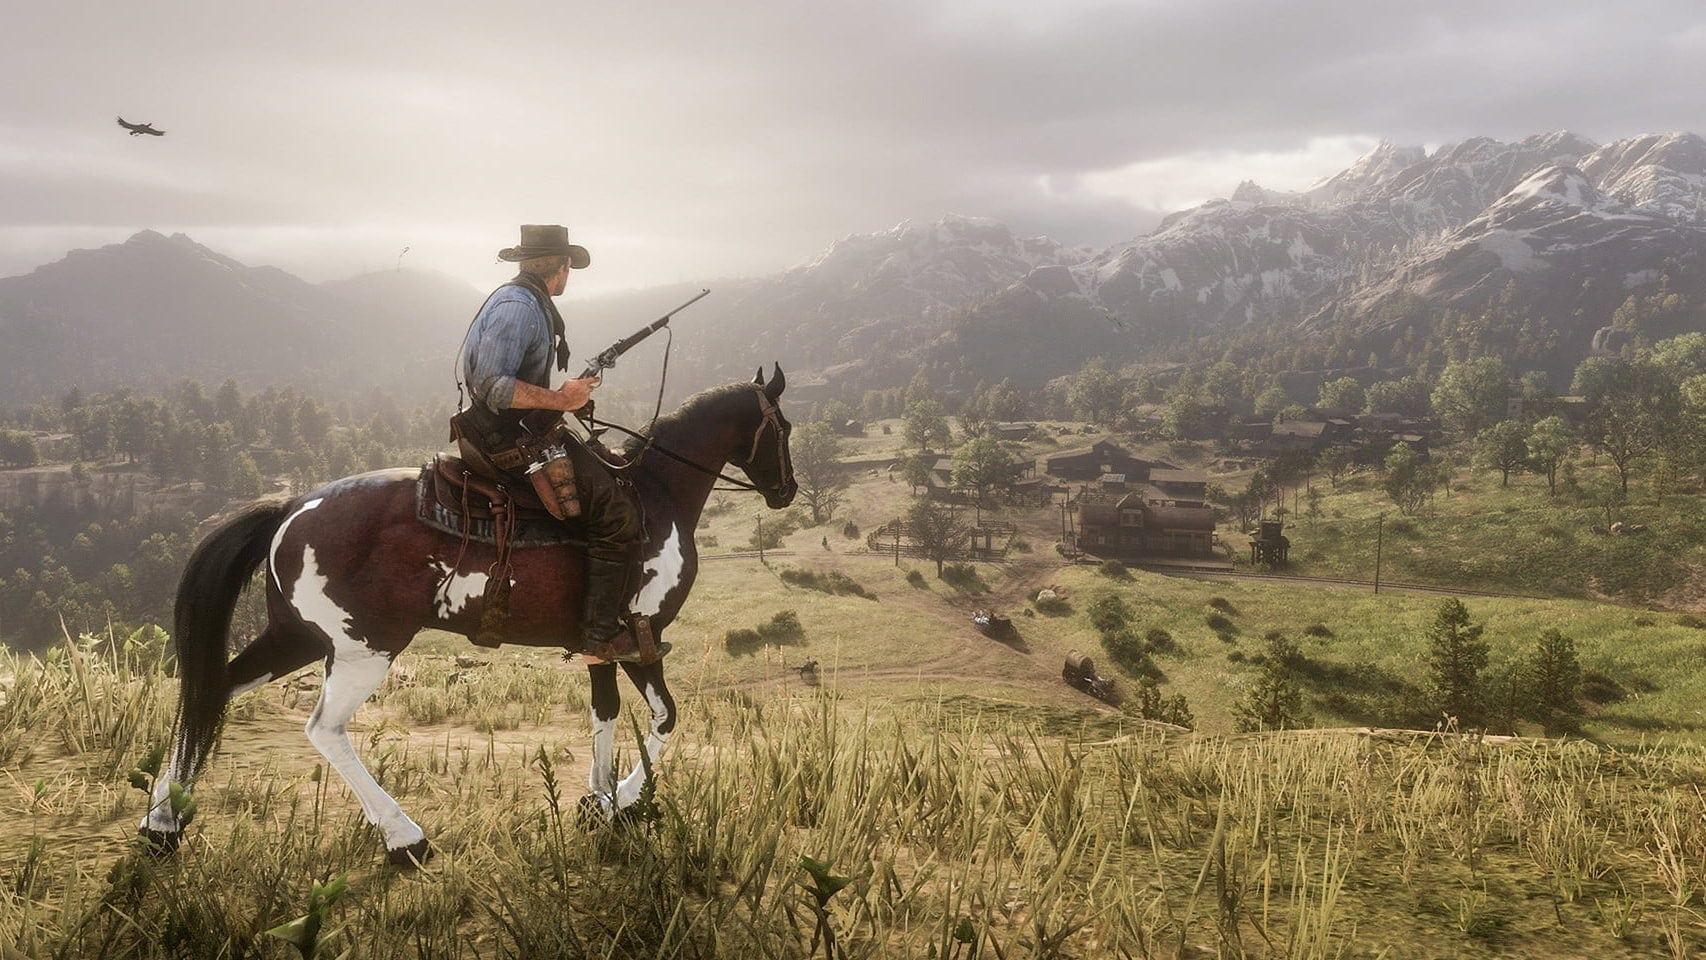 Команда FiveM усердно работает над первым мультиплеерным модом для ПК-версии Red Dead Redemption 2